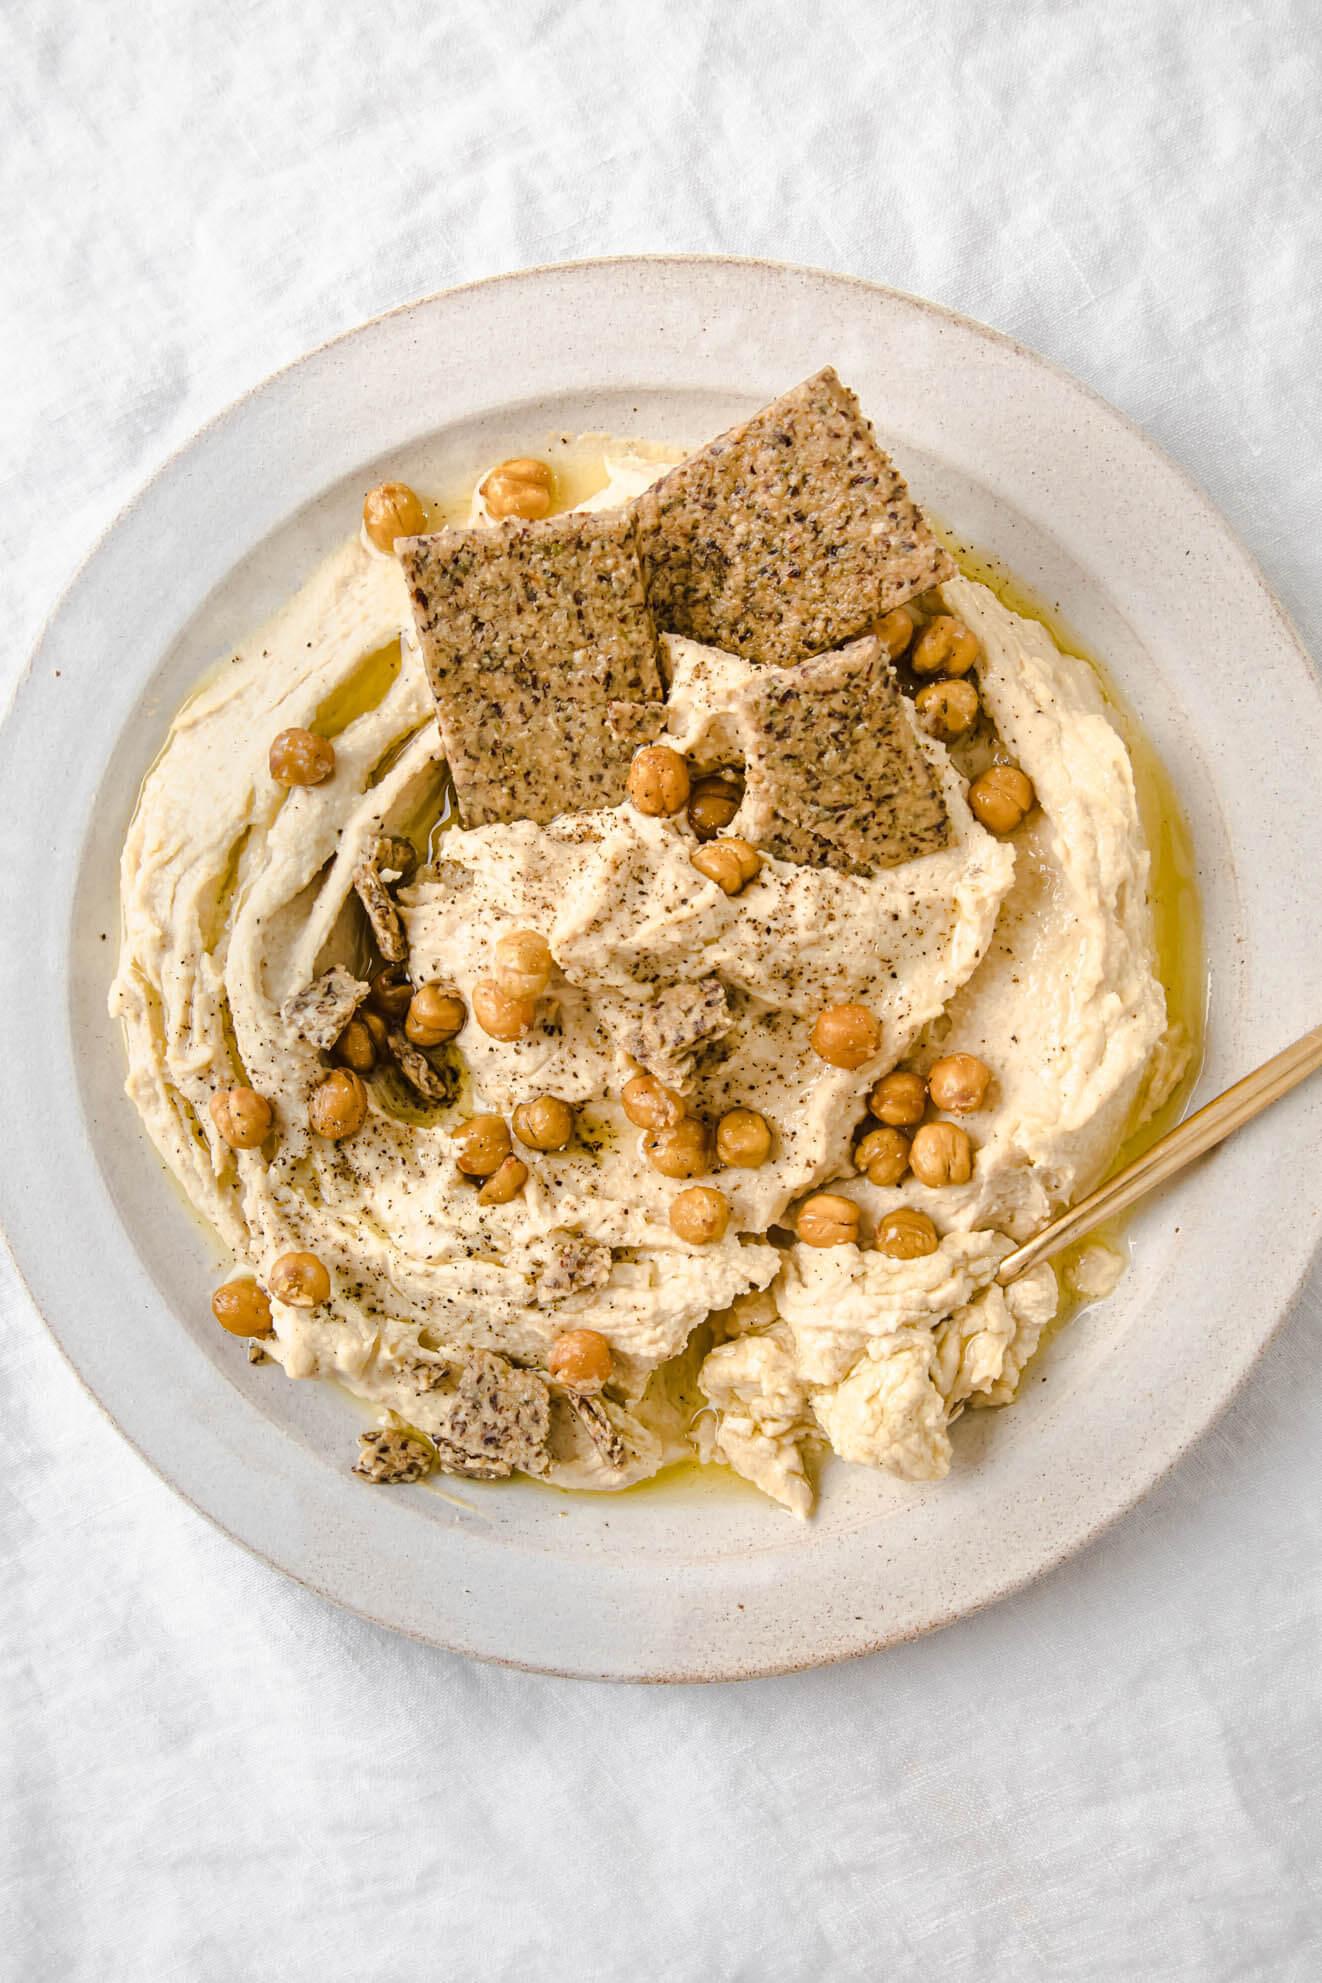 Super Smooth Healthy Hummus